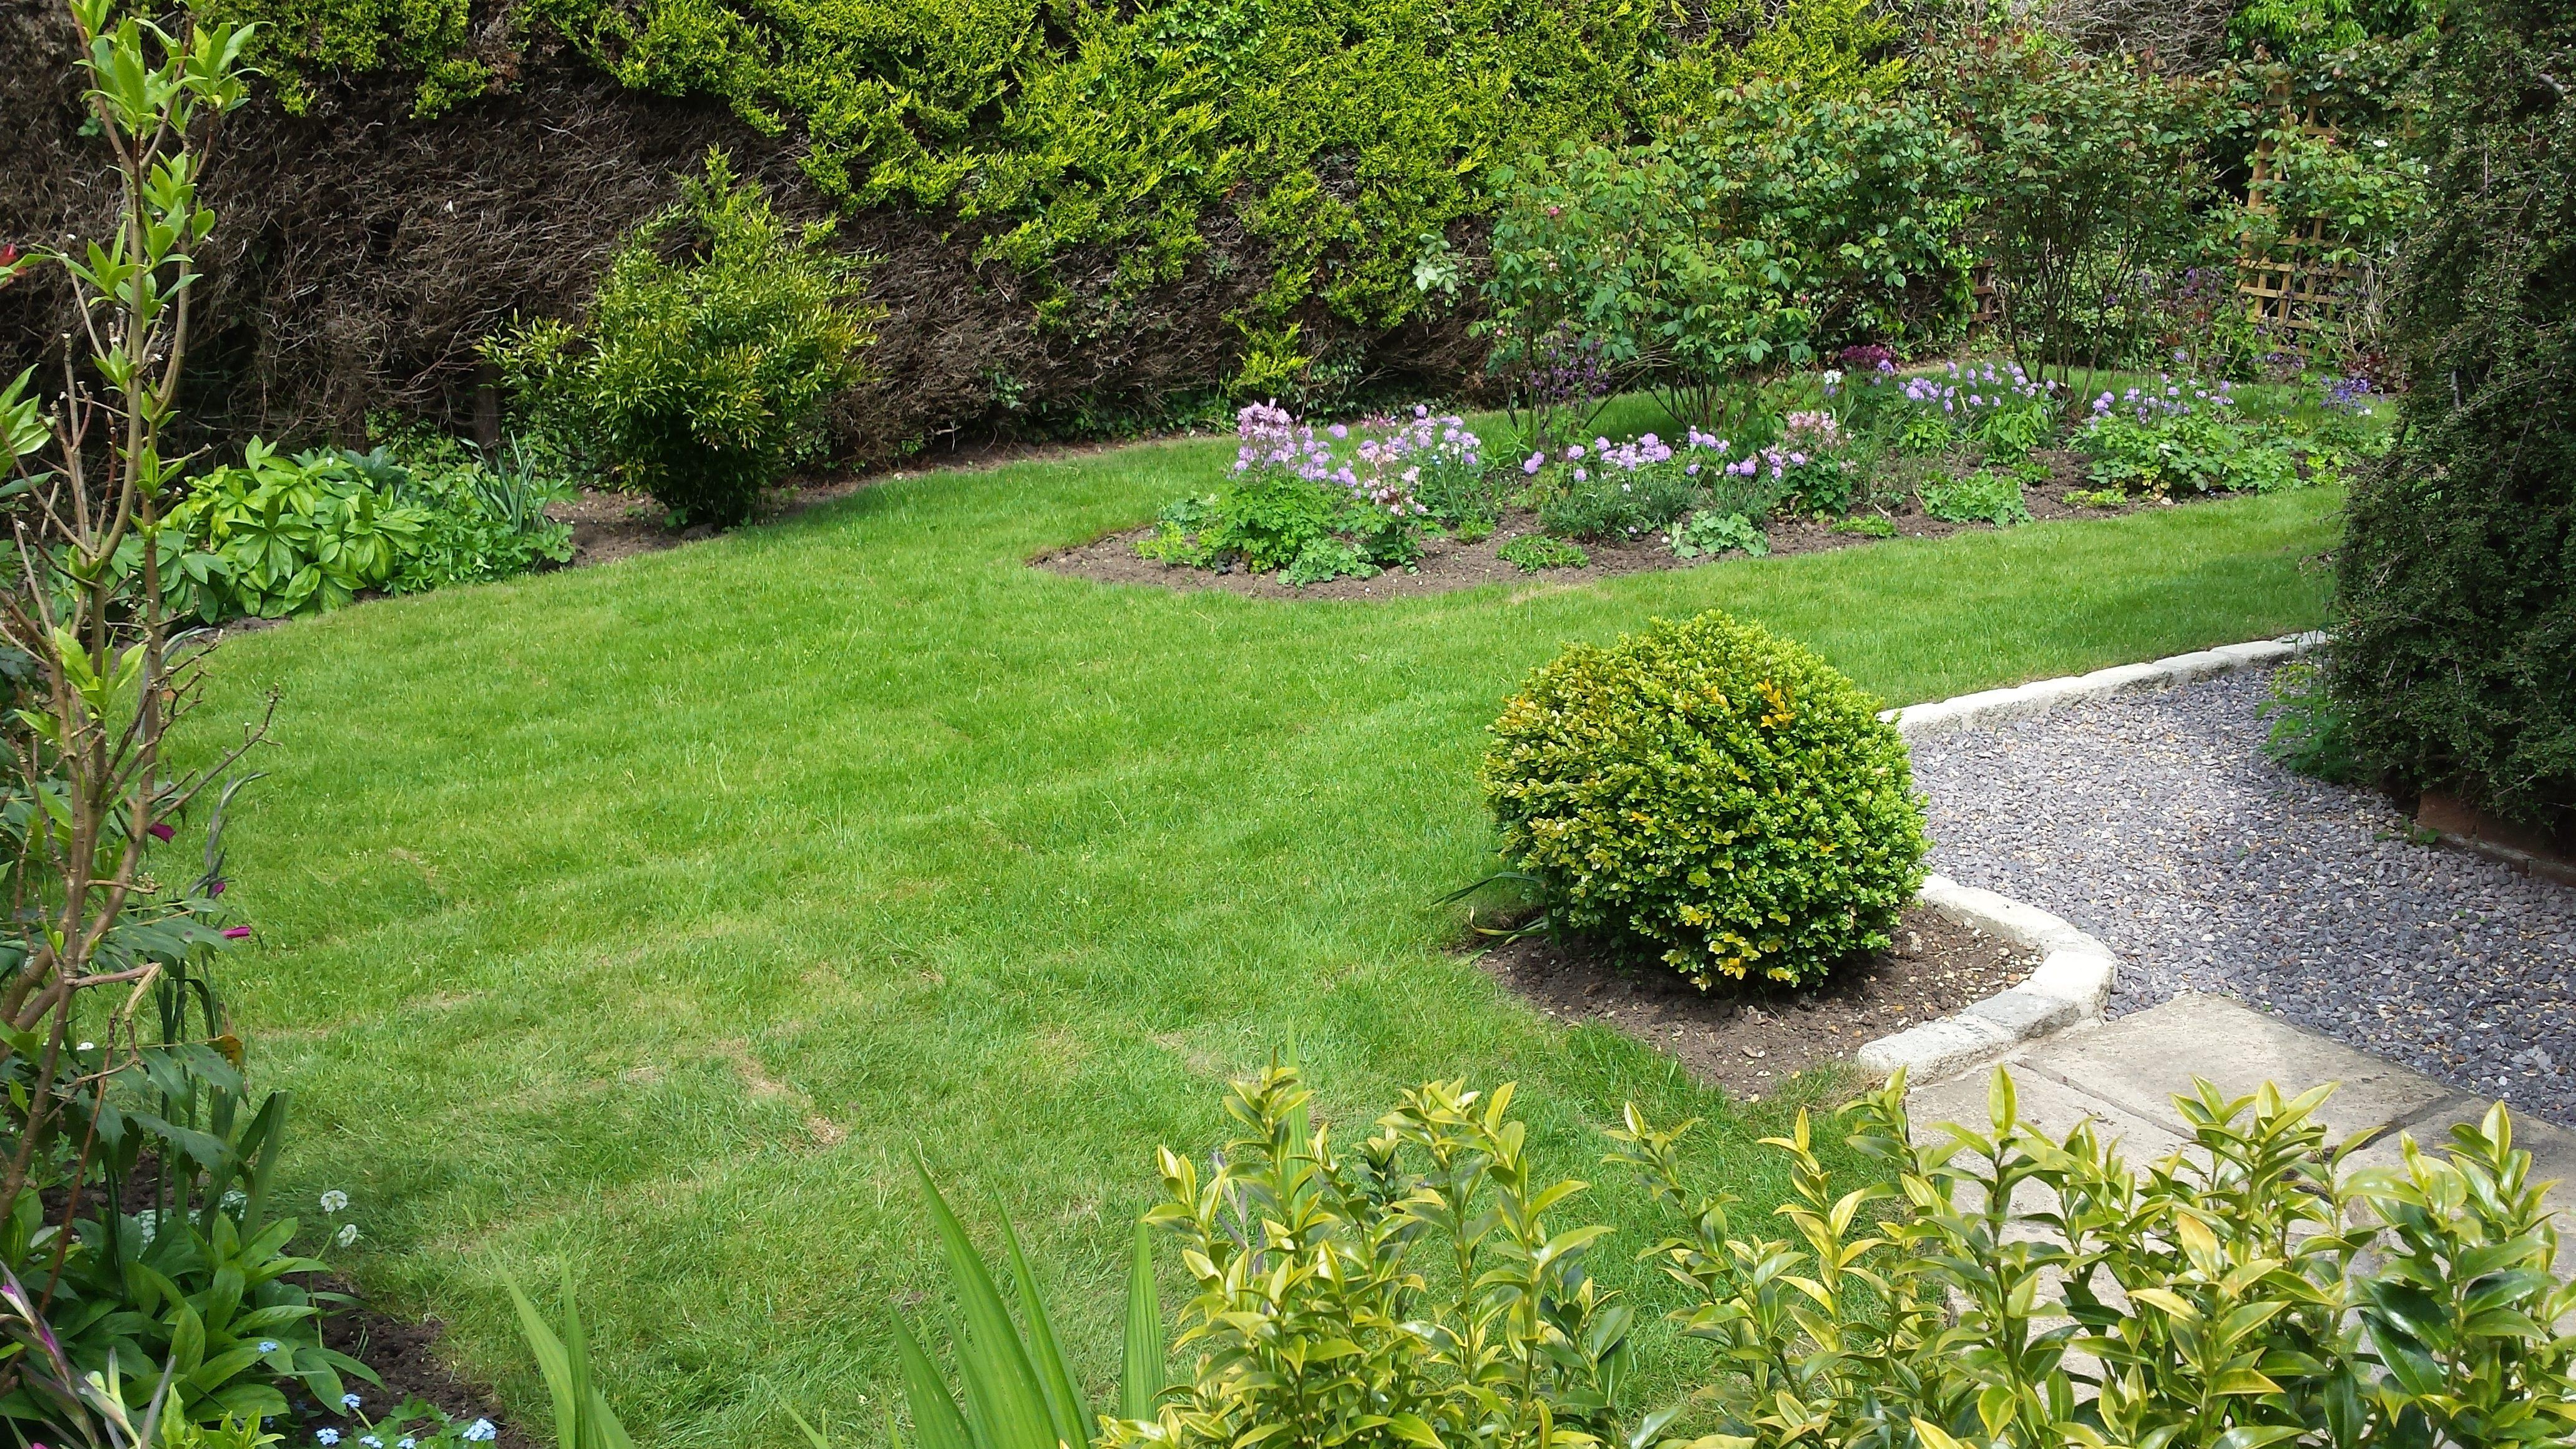 Cottage garden, Tisbury, Wiltshire